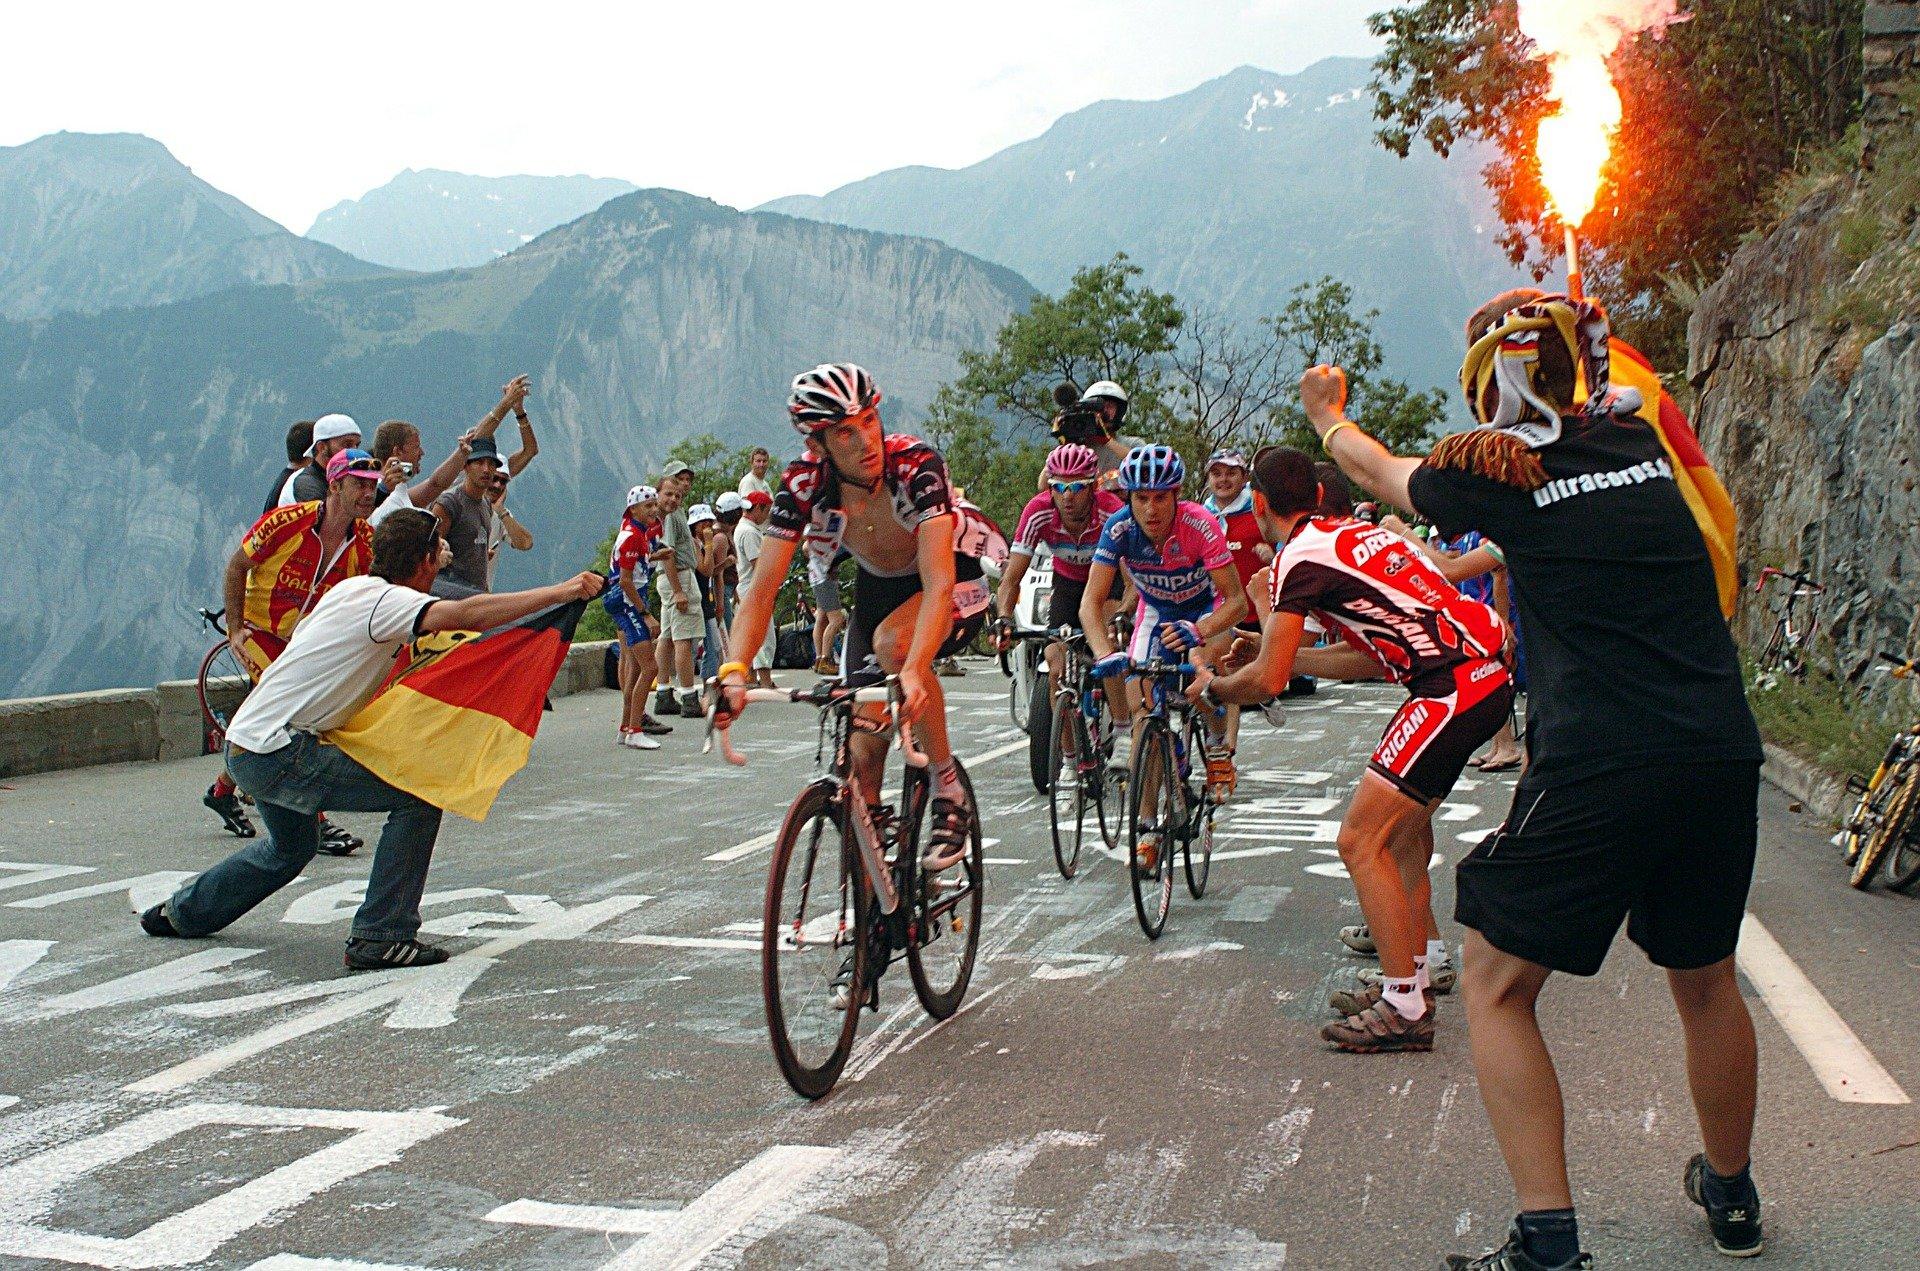 15 interessante Fakten zur Tour de France